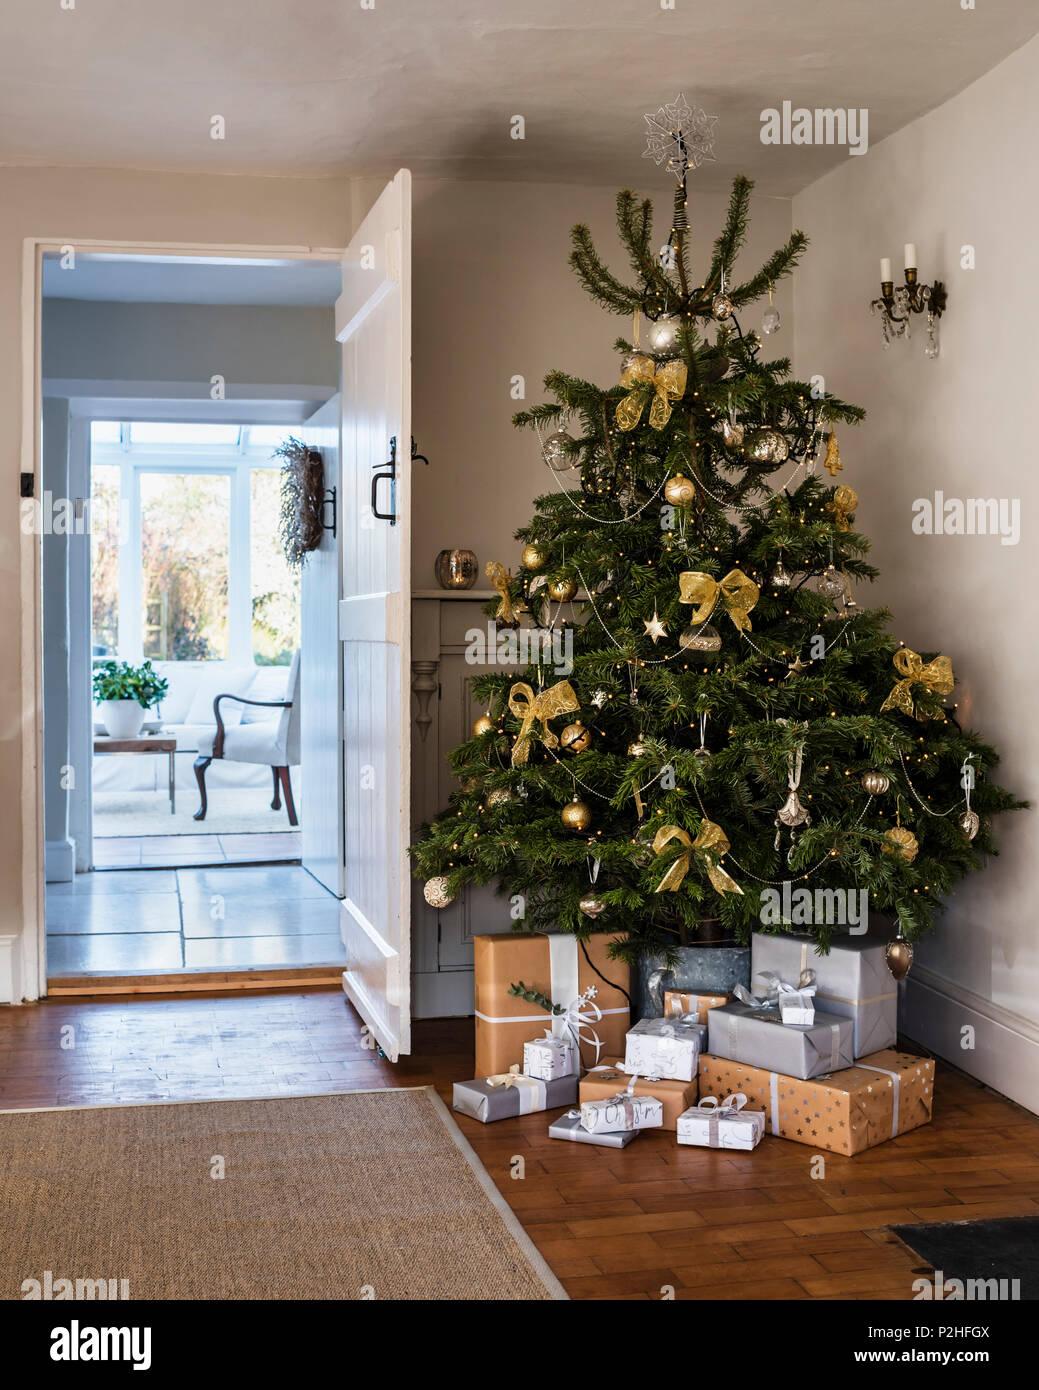 Ikea Weihnachtsbaum.Weihnachtsbaum Dekoriert Mit Bögen Und Kugeln Aus Dem Land Brocante